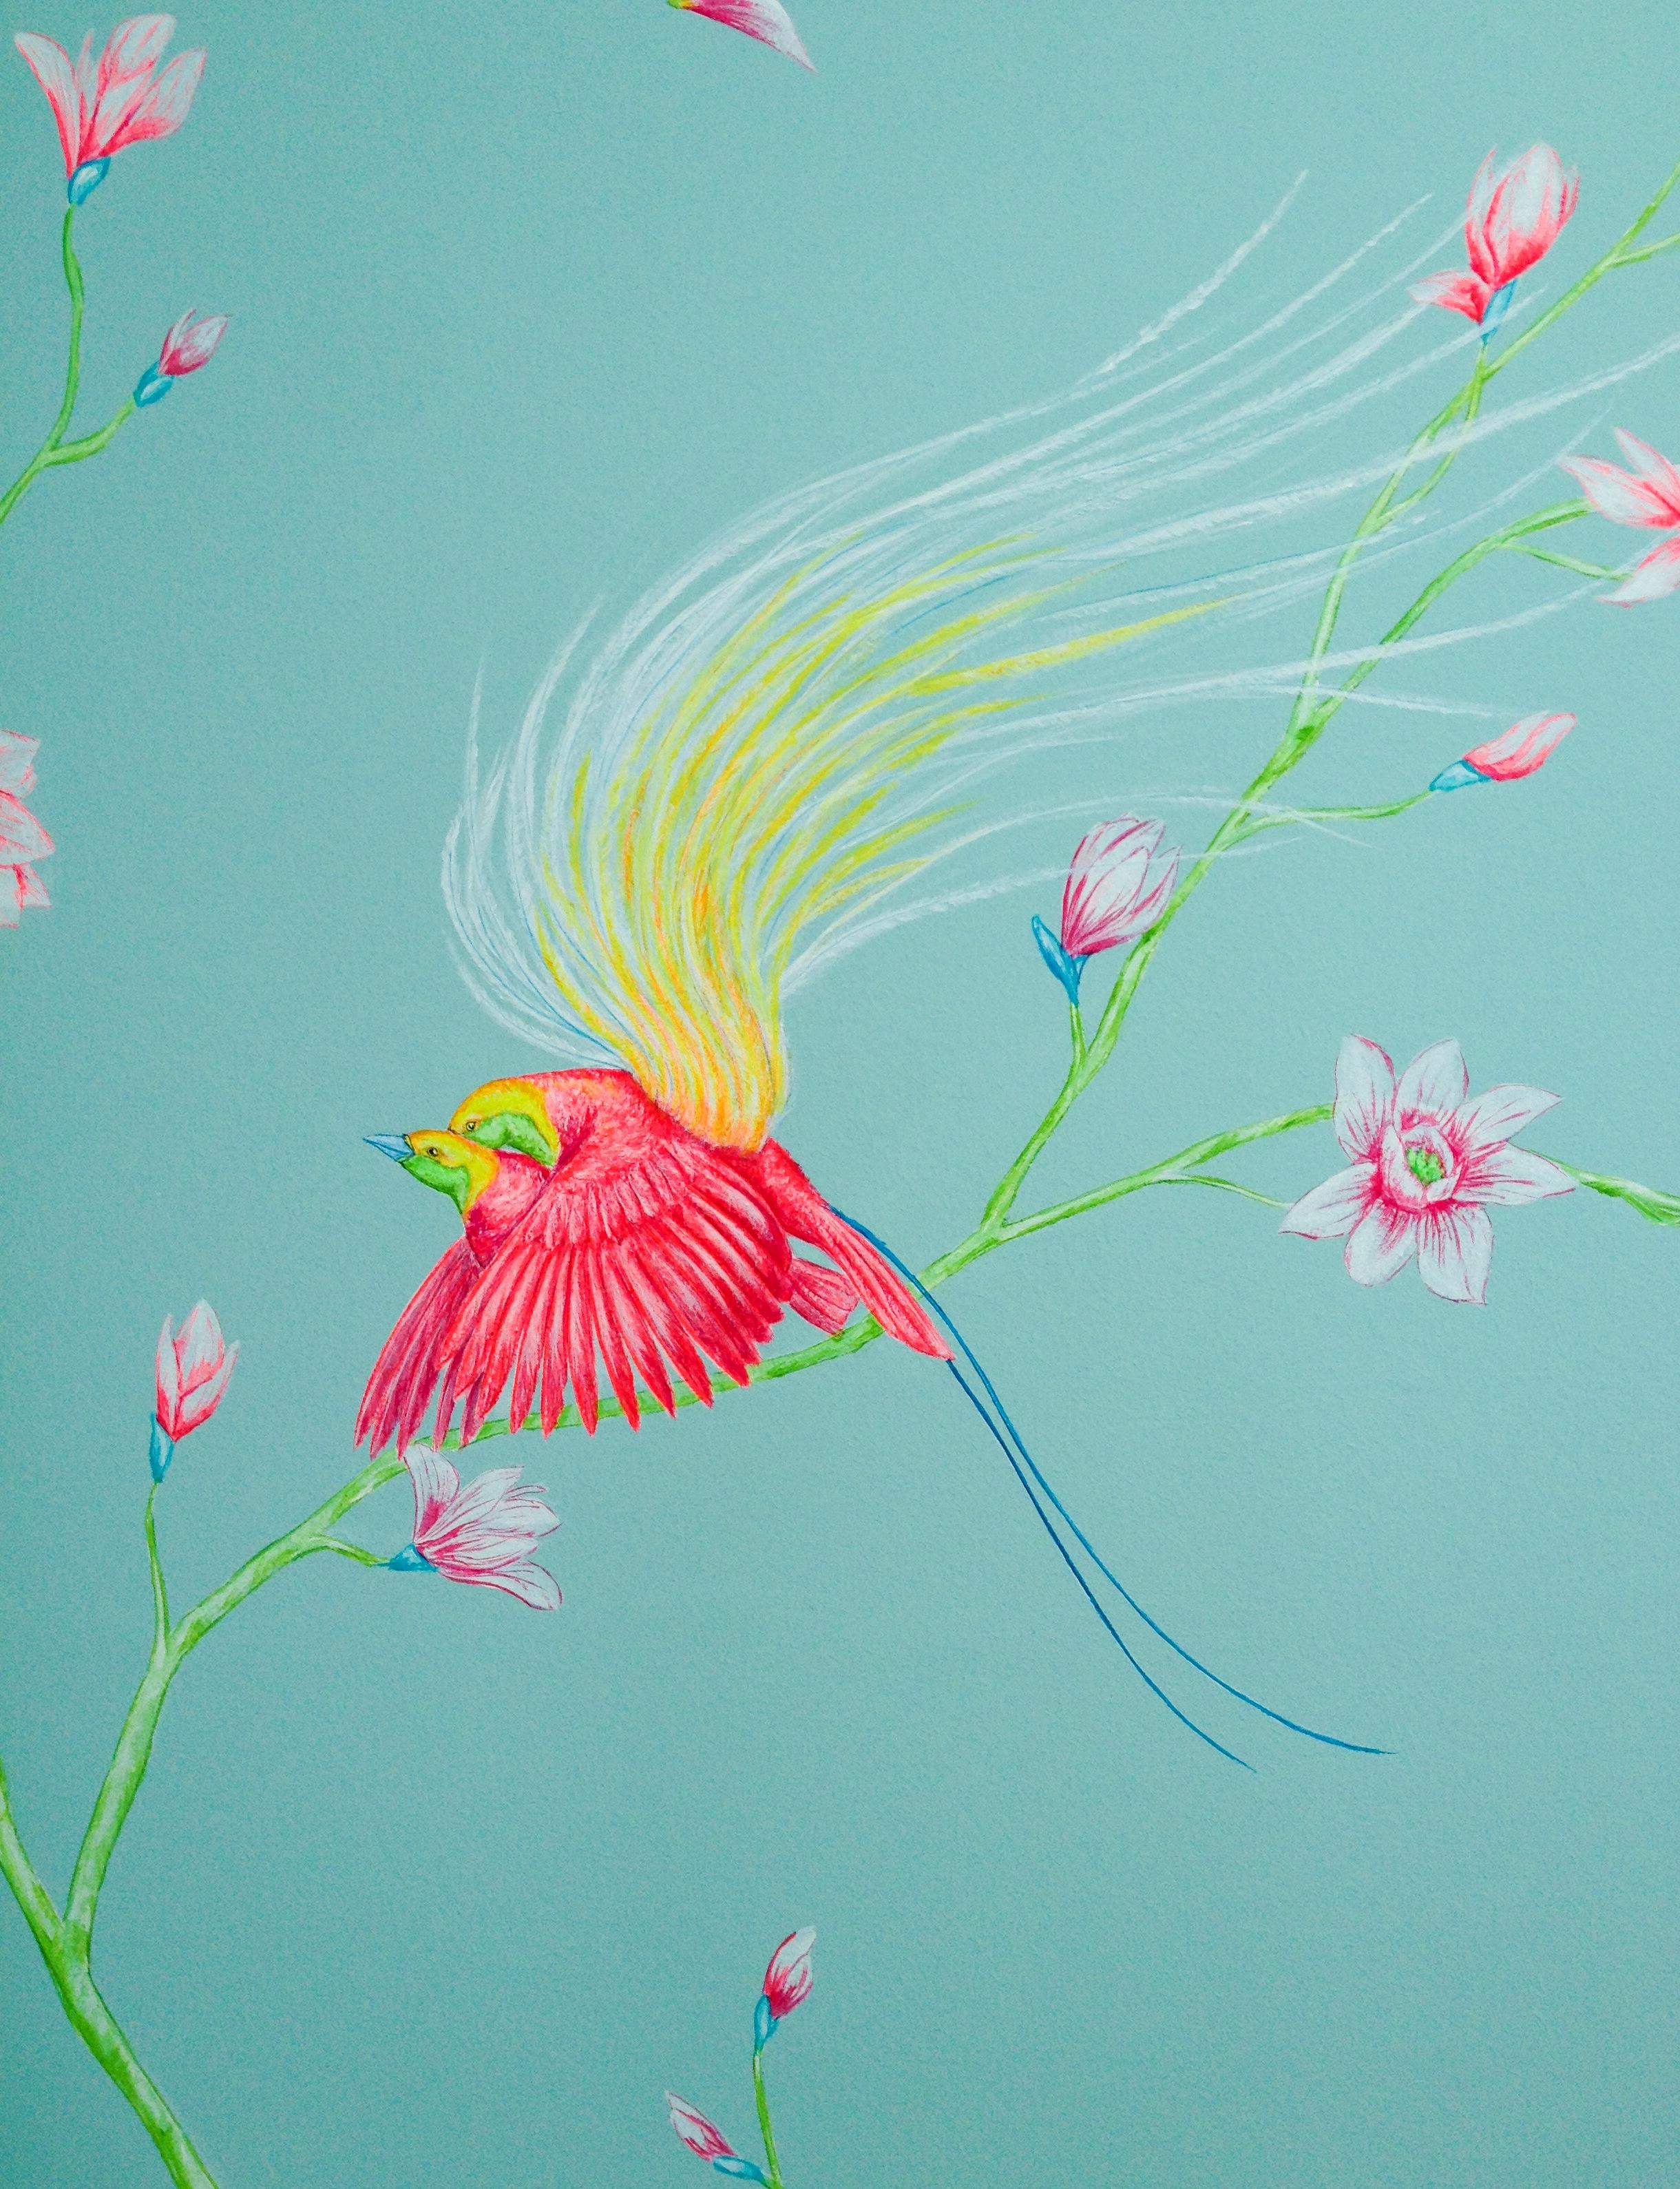 cozmo JENKS milliner- bedroom mural - detail 4 -Frederick Wimsett - murals and artistic design - WALLS .JPG